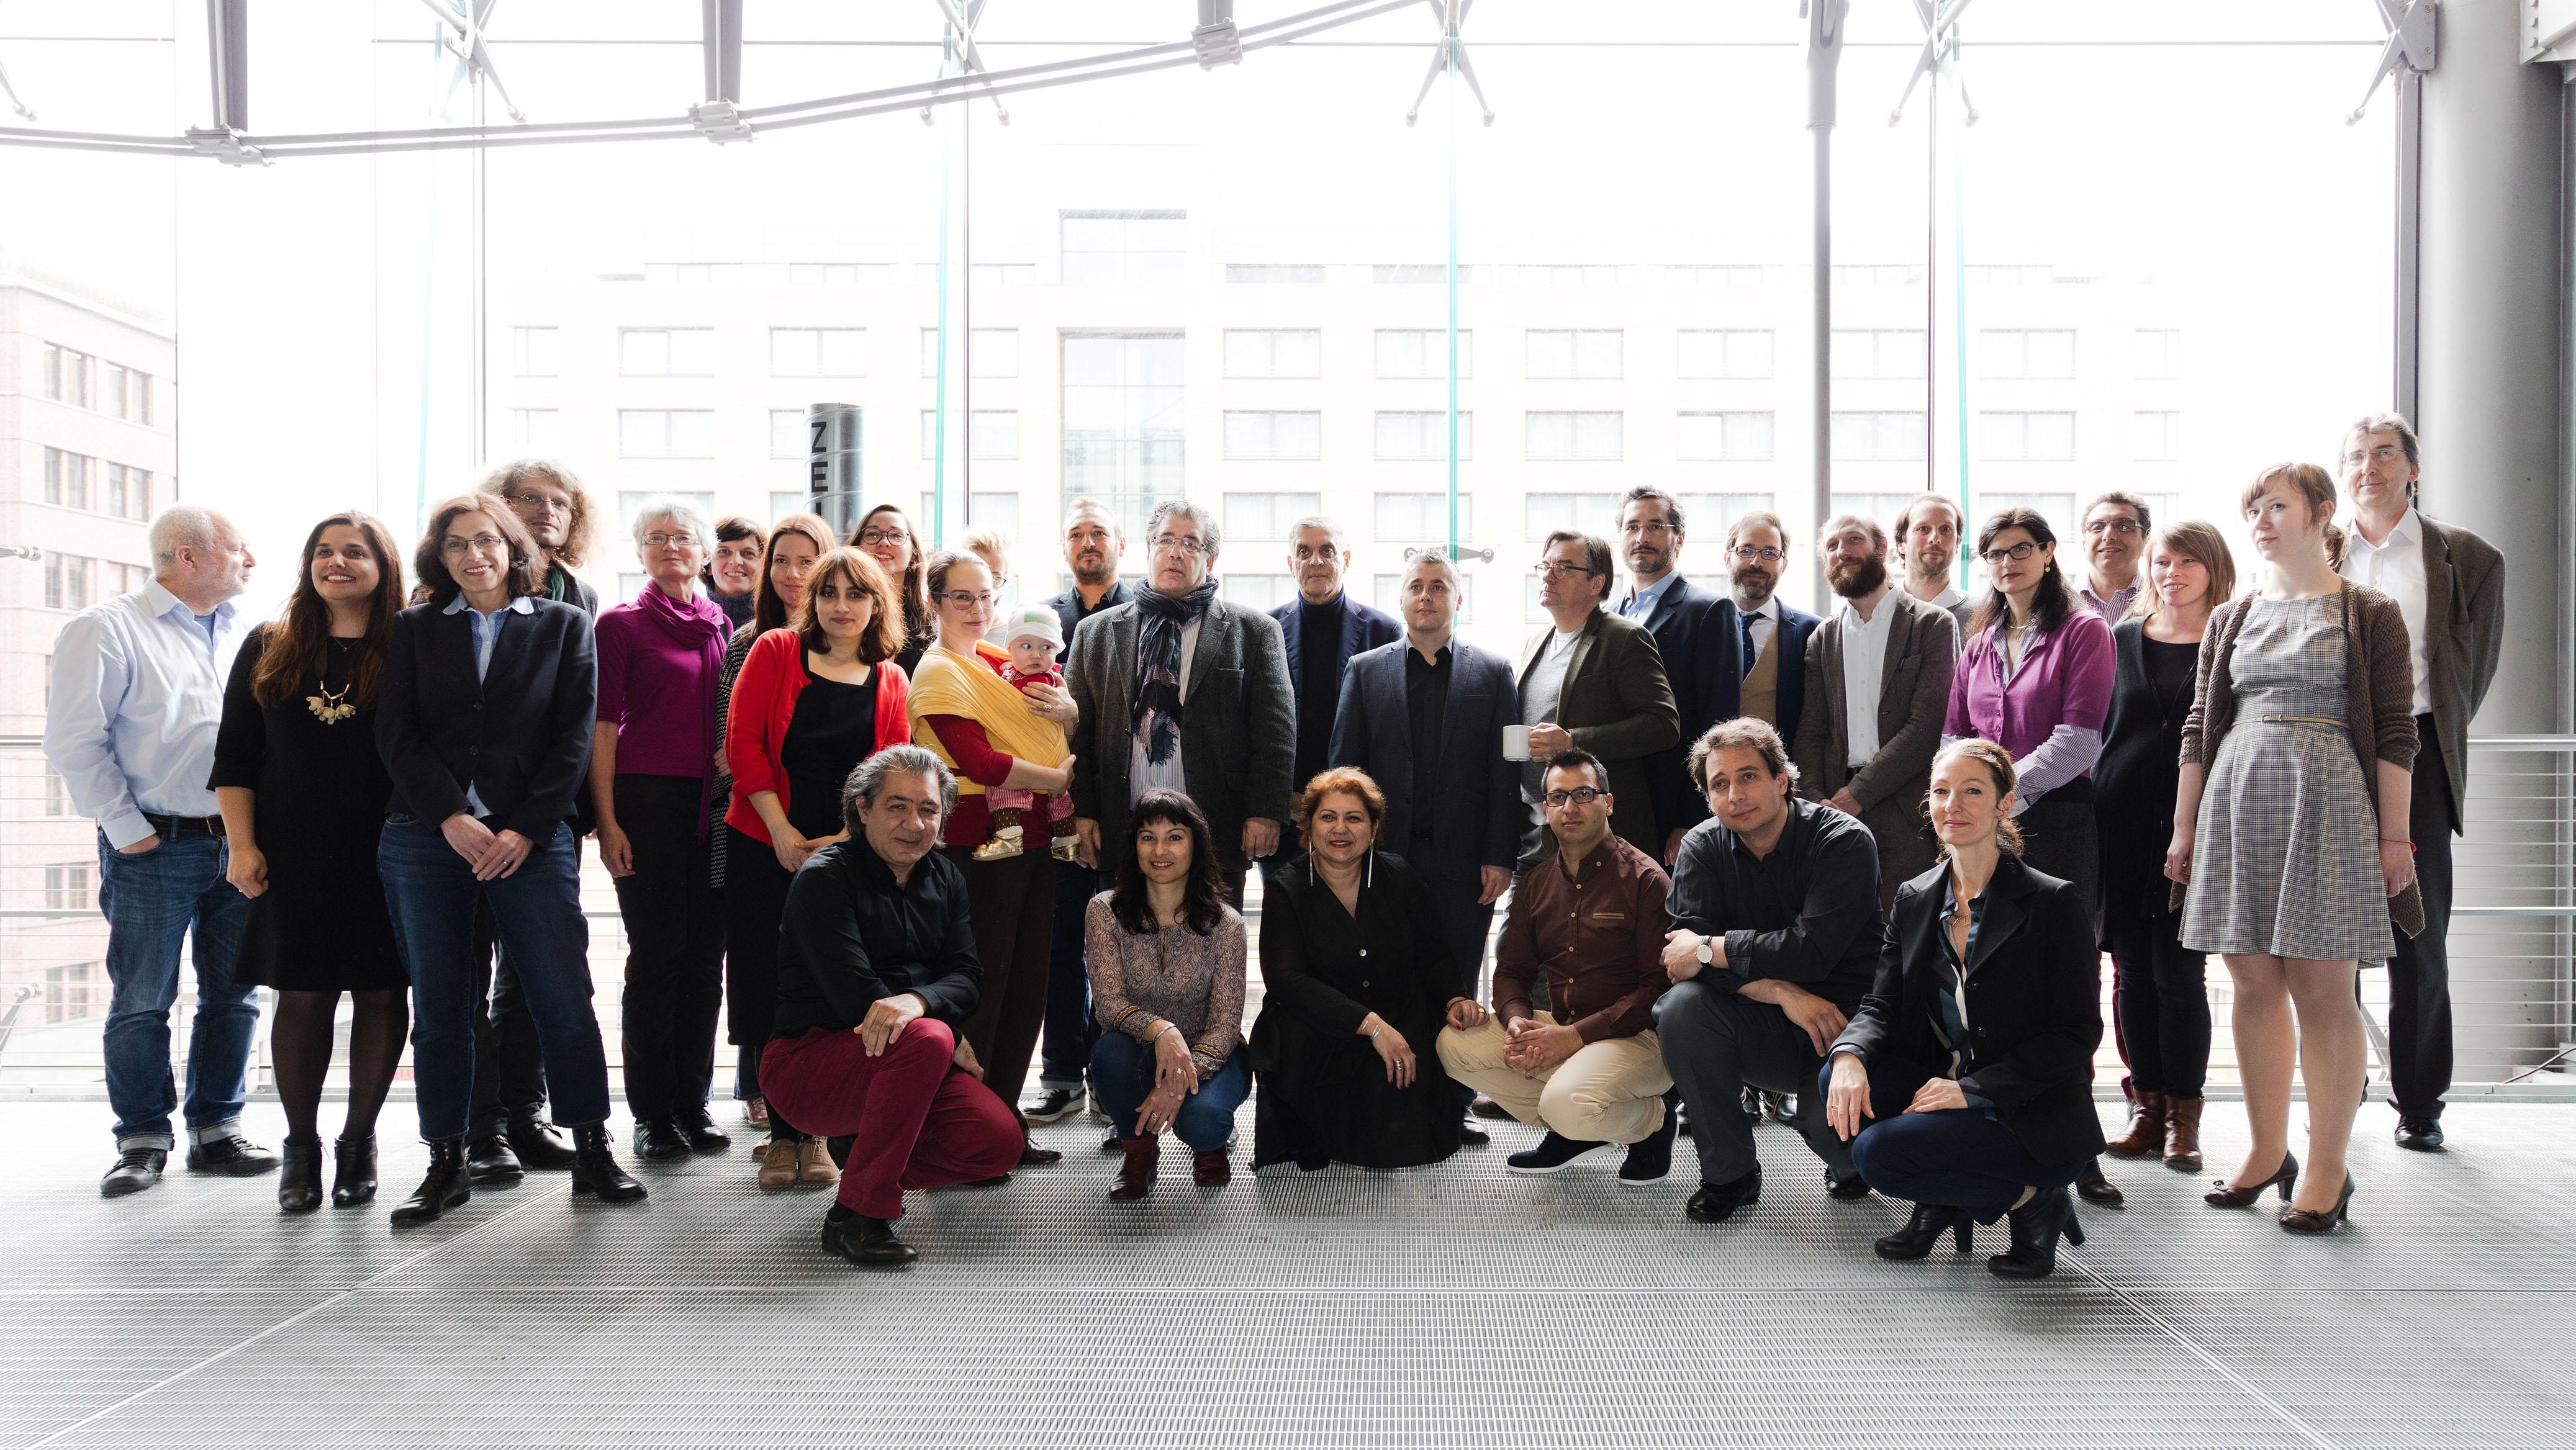 Un equipo de comisarios internacionales se encarga del desarrollo del proyecto RomArchive